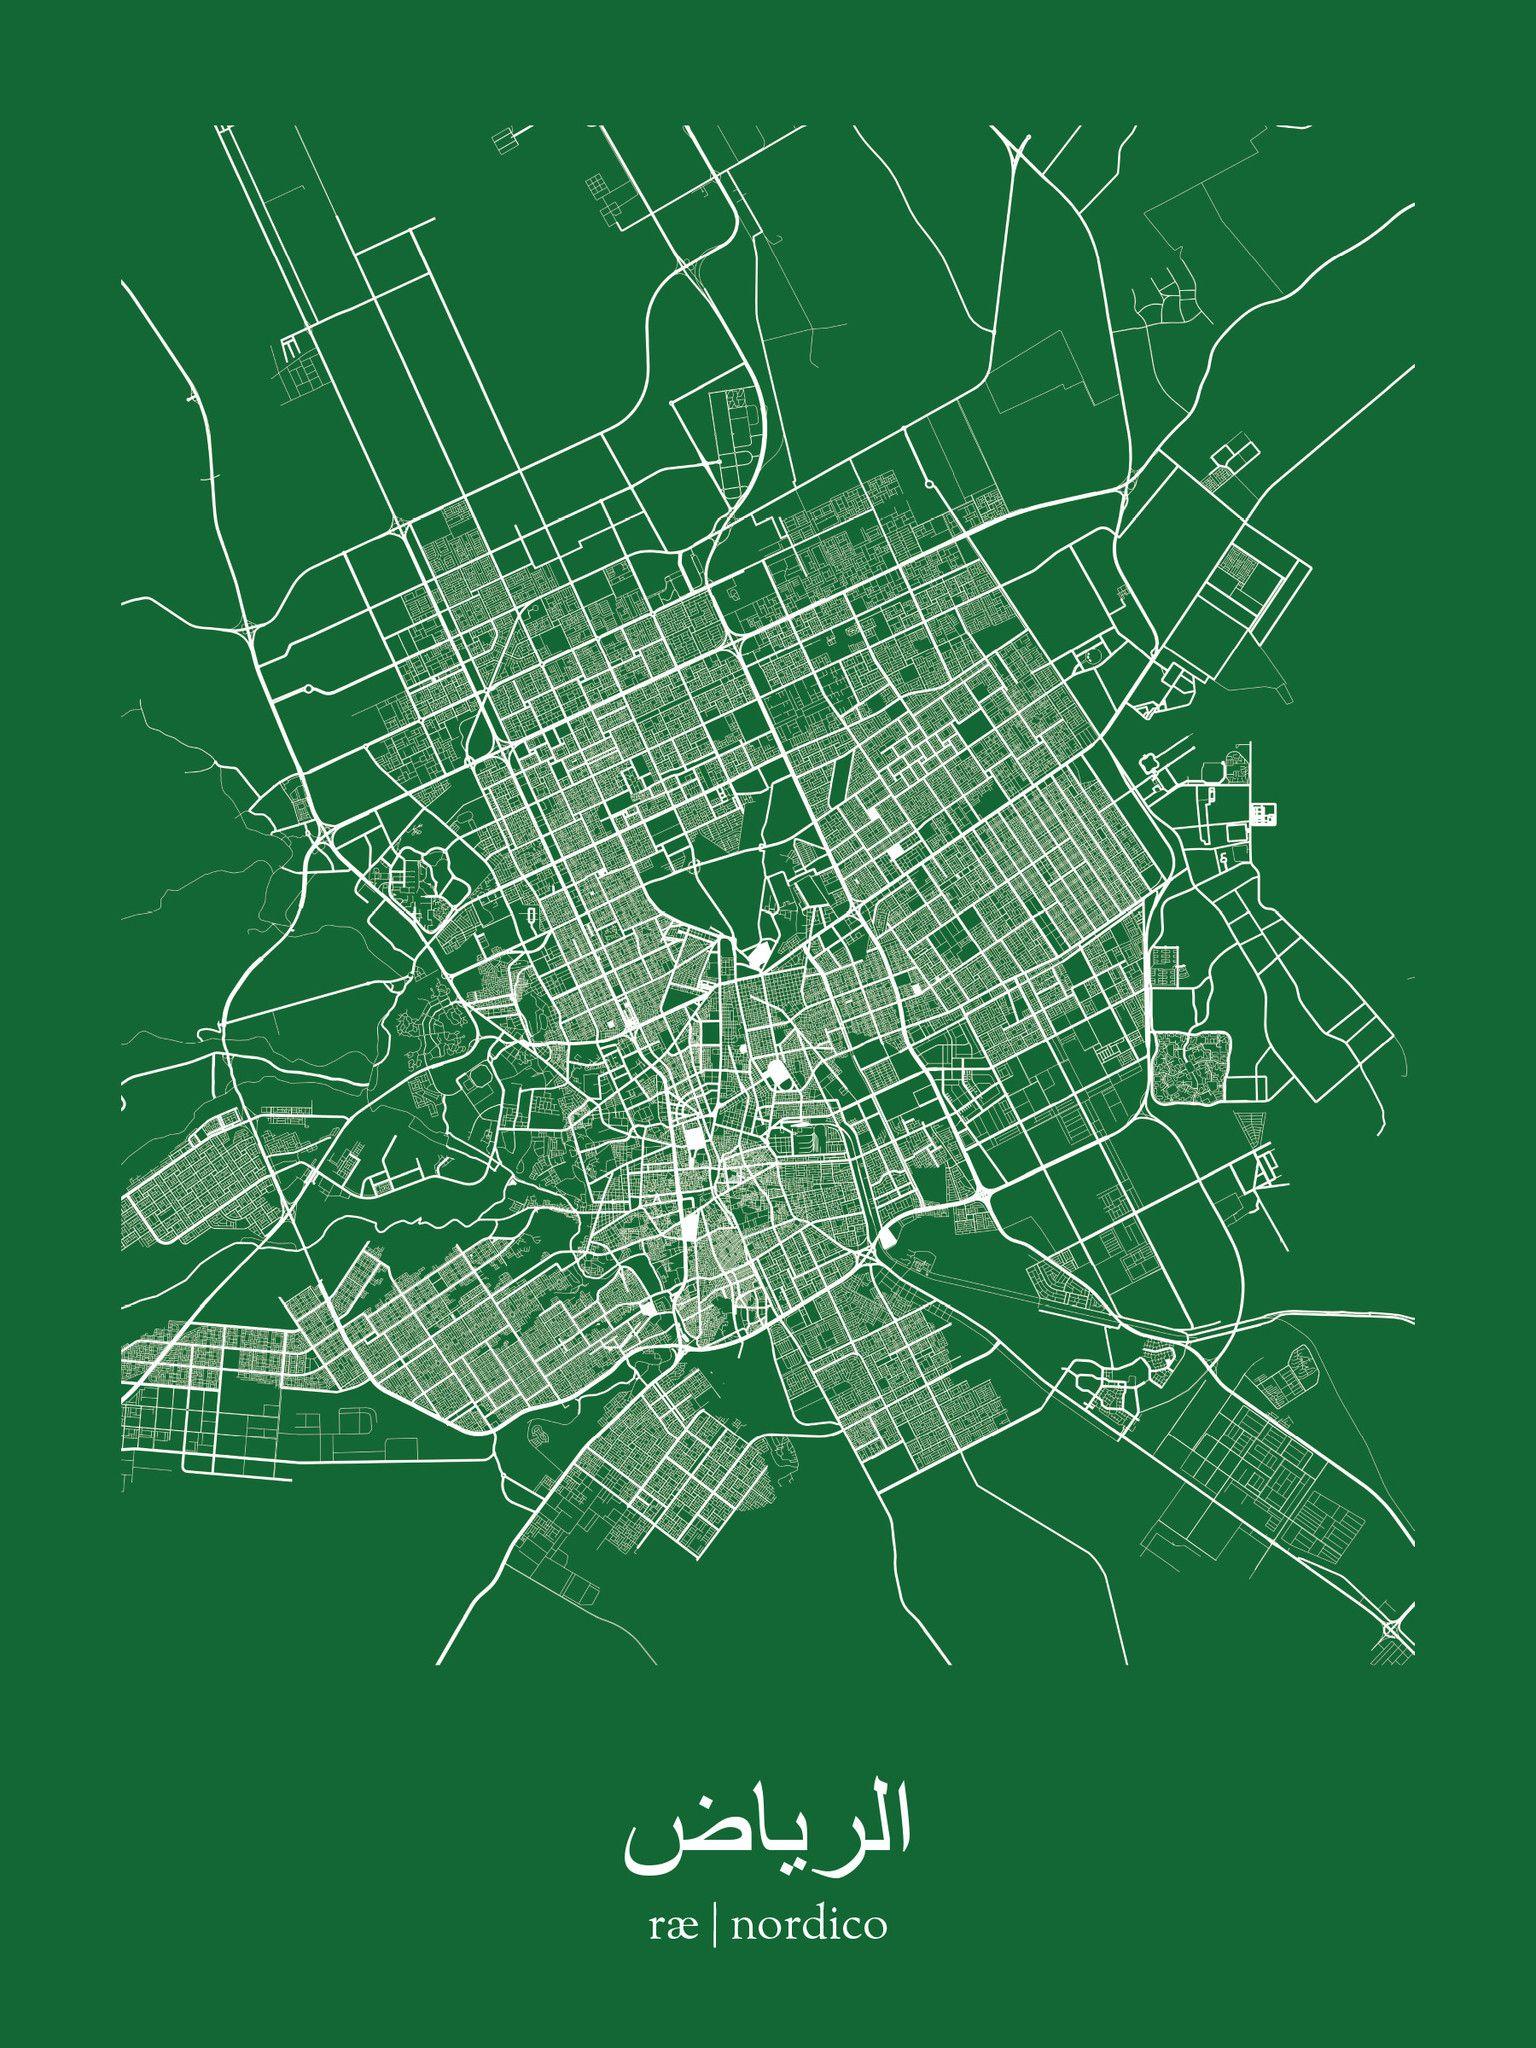 Riyadh saudi arabia map print